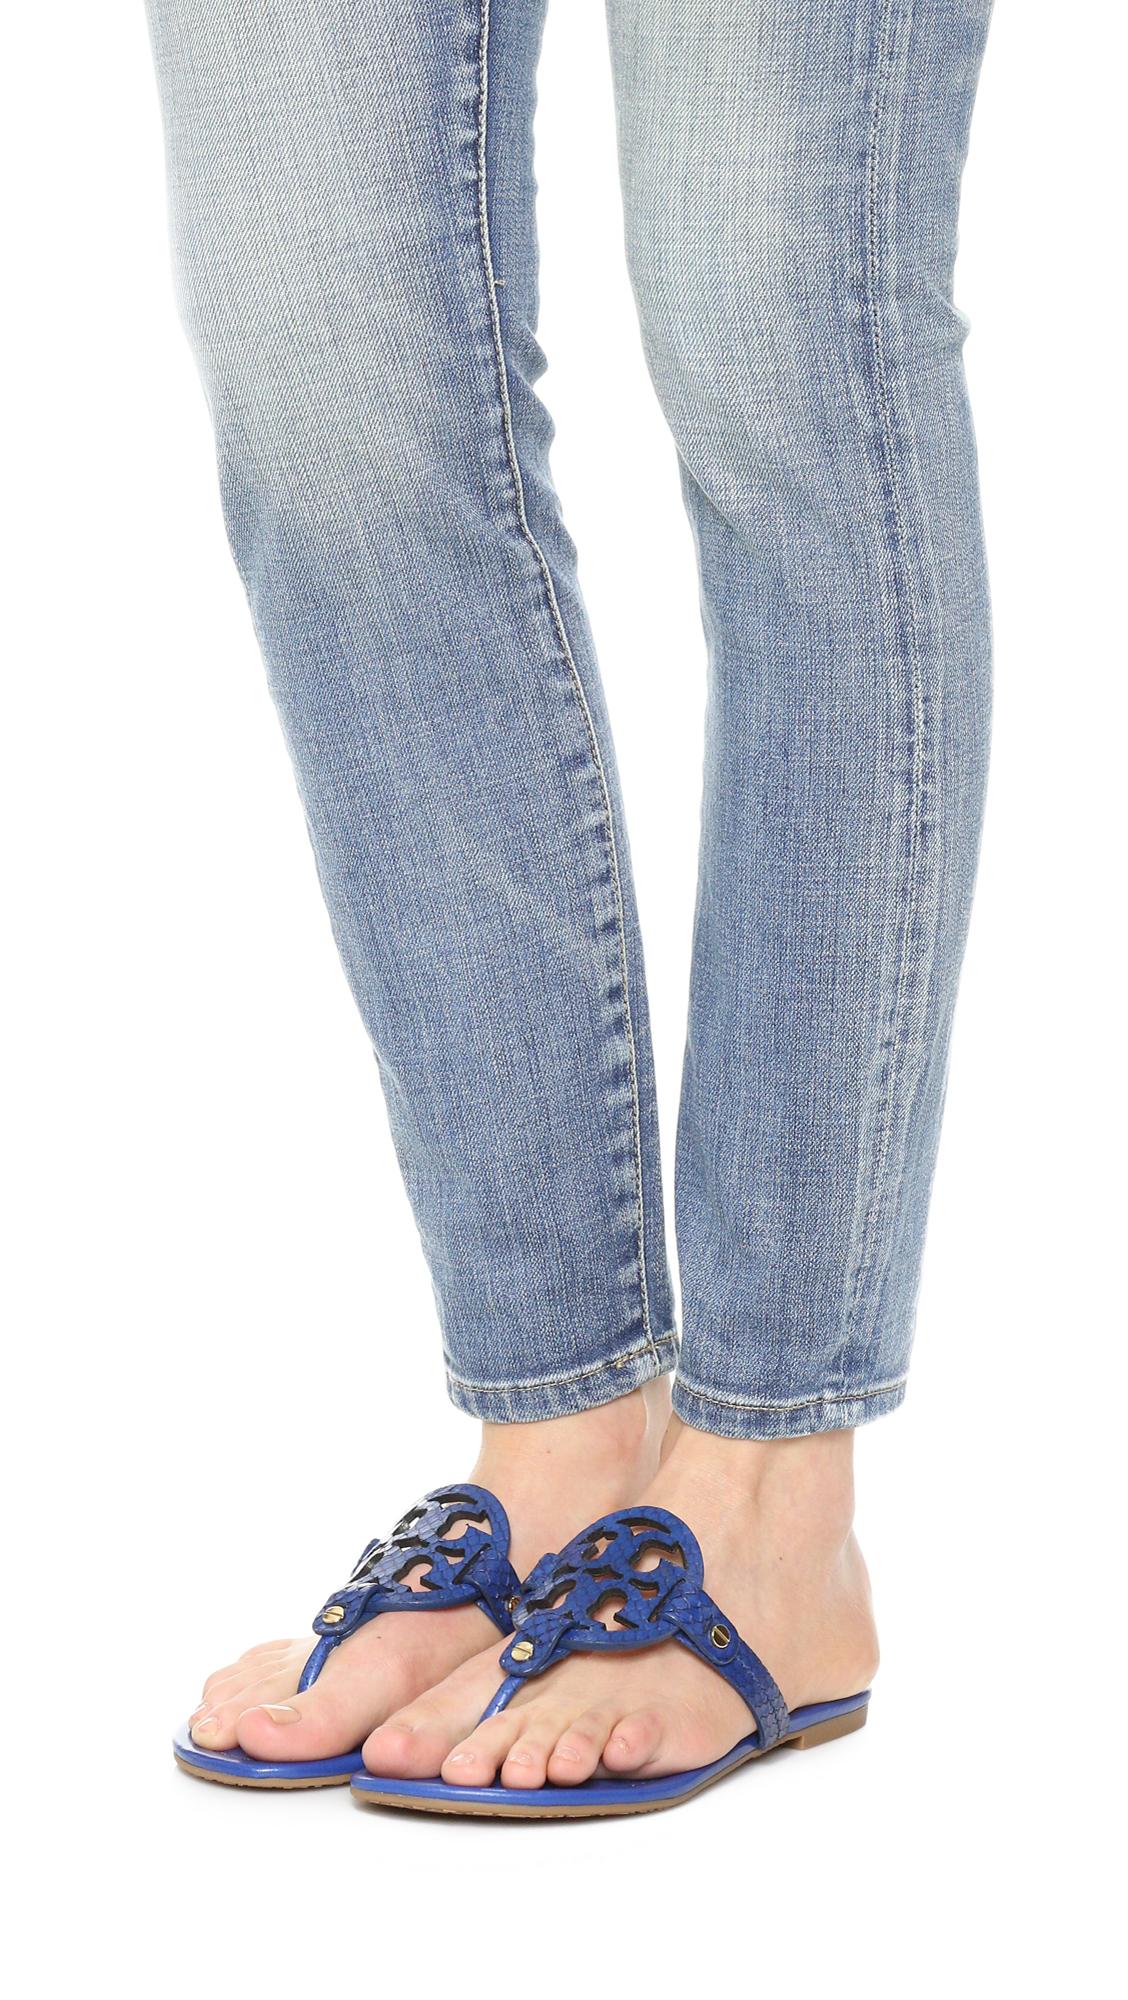 173b8456baf54 Lyst - Tory Burch Miller Sandals in Blue